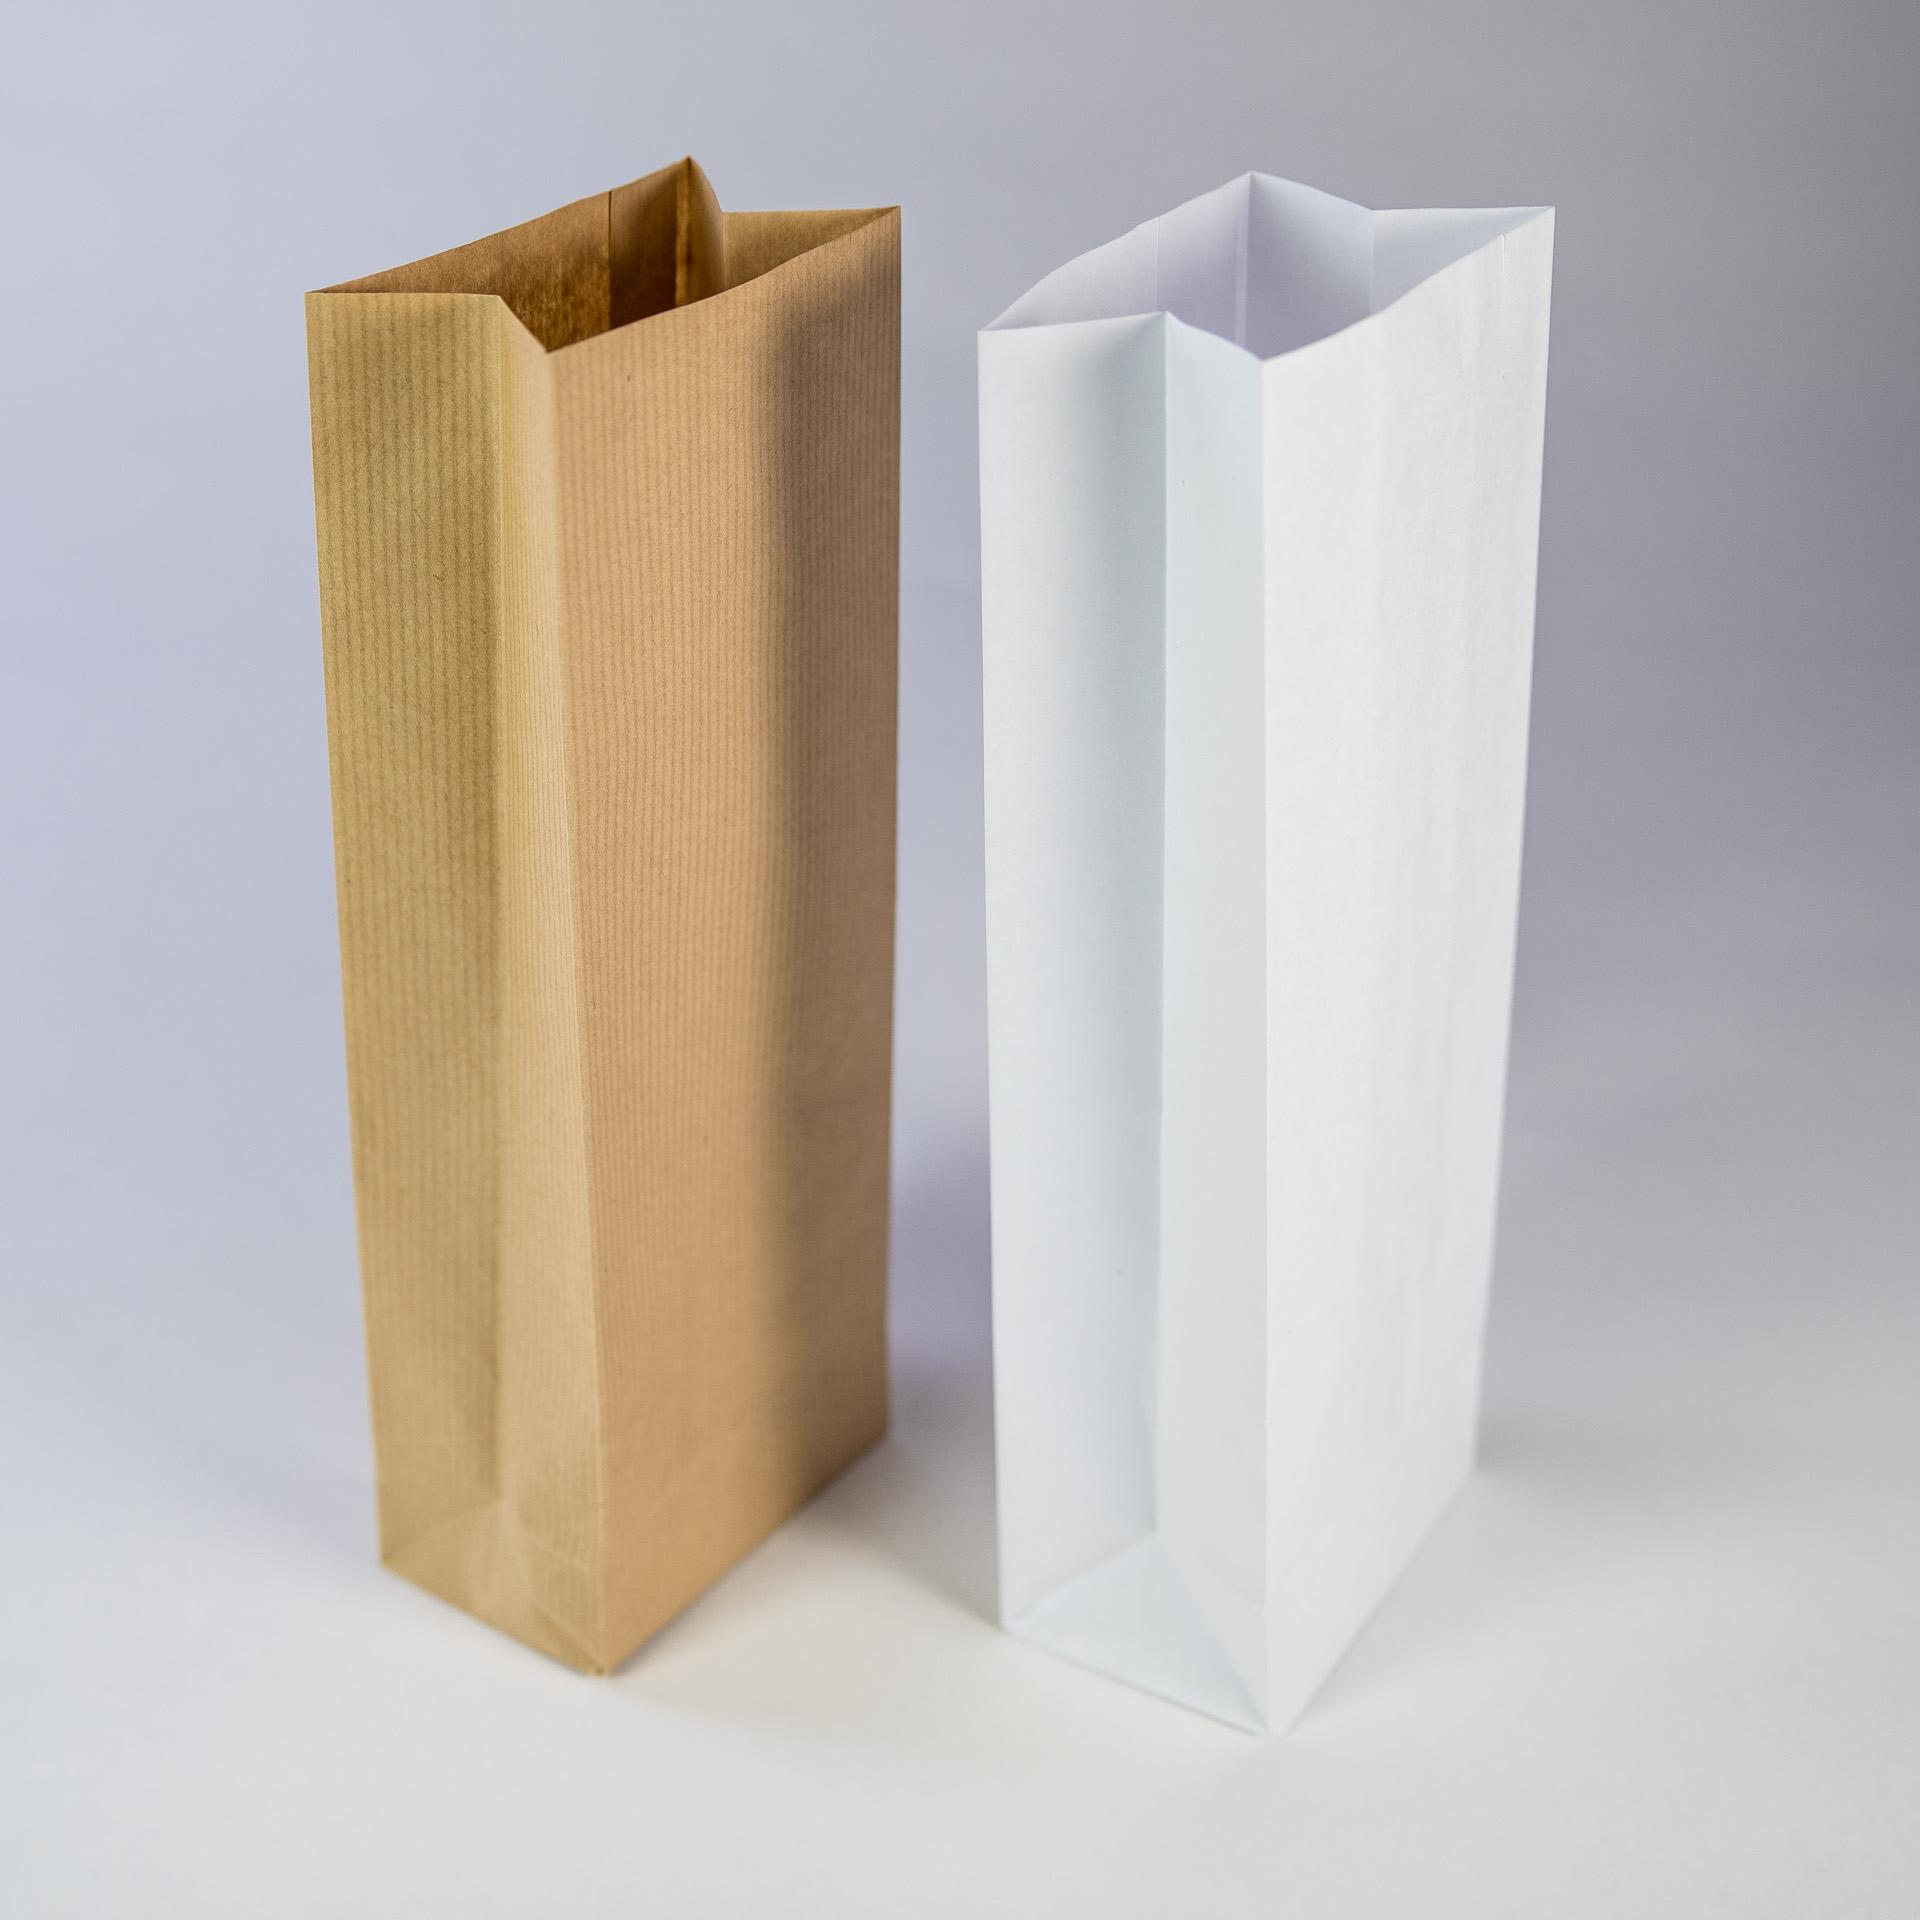 Sac en papier 3 soufflets 500g pour farine